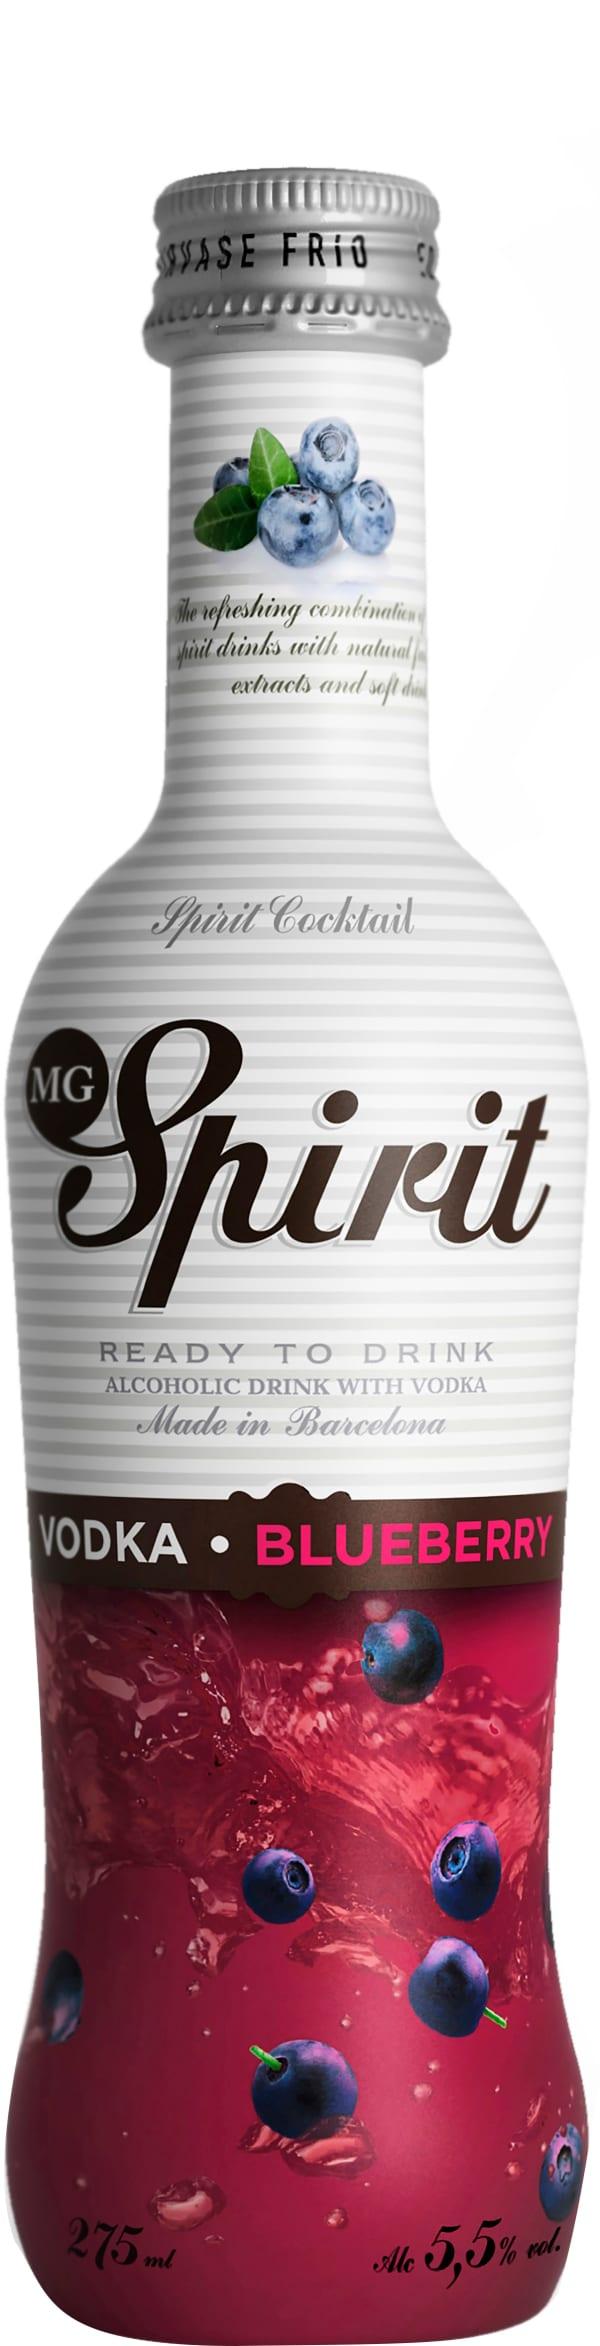 MG Spirit Vodka Blueberry